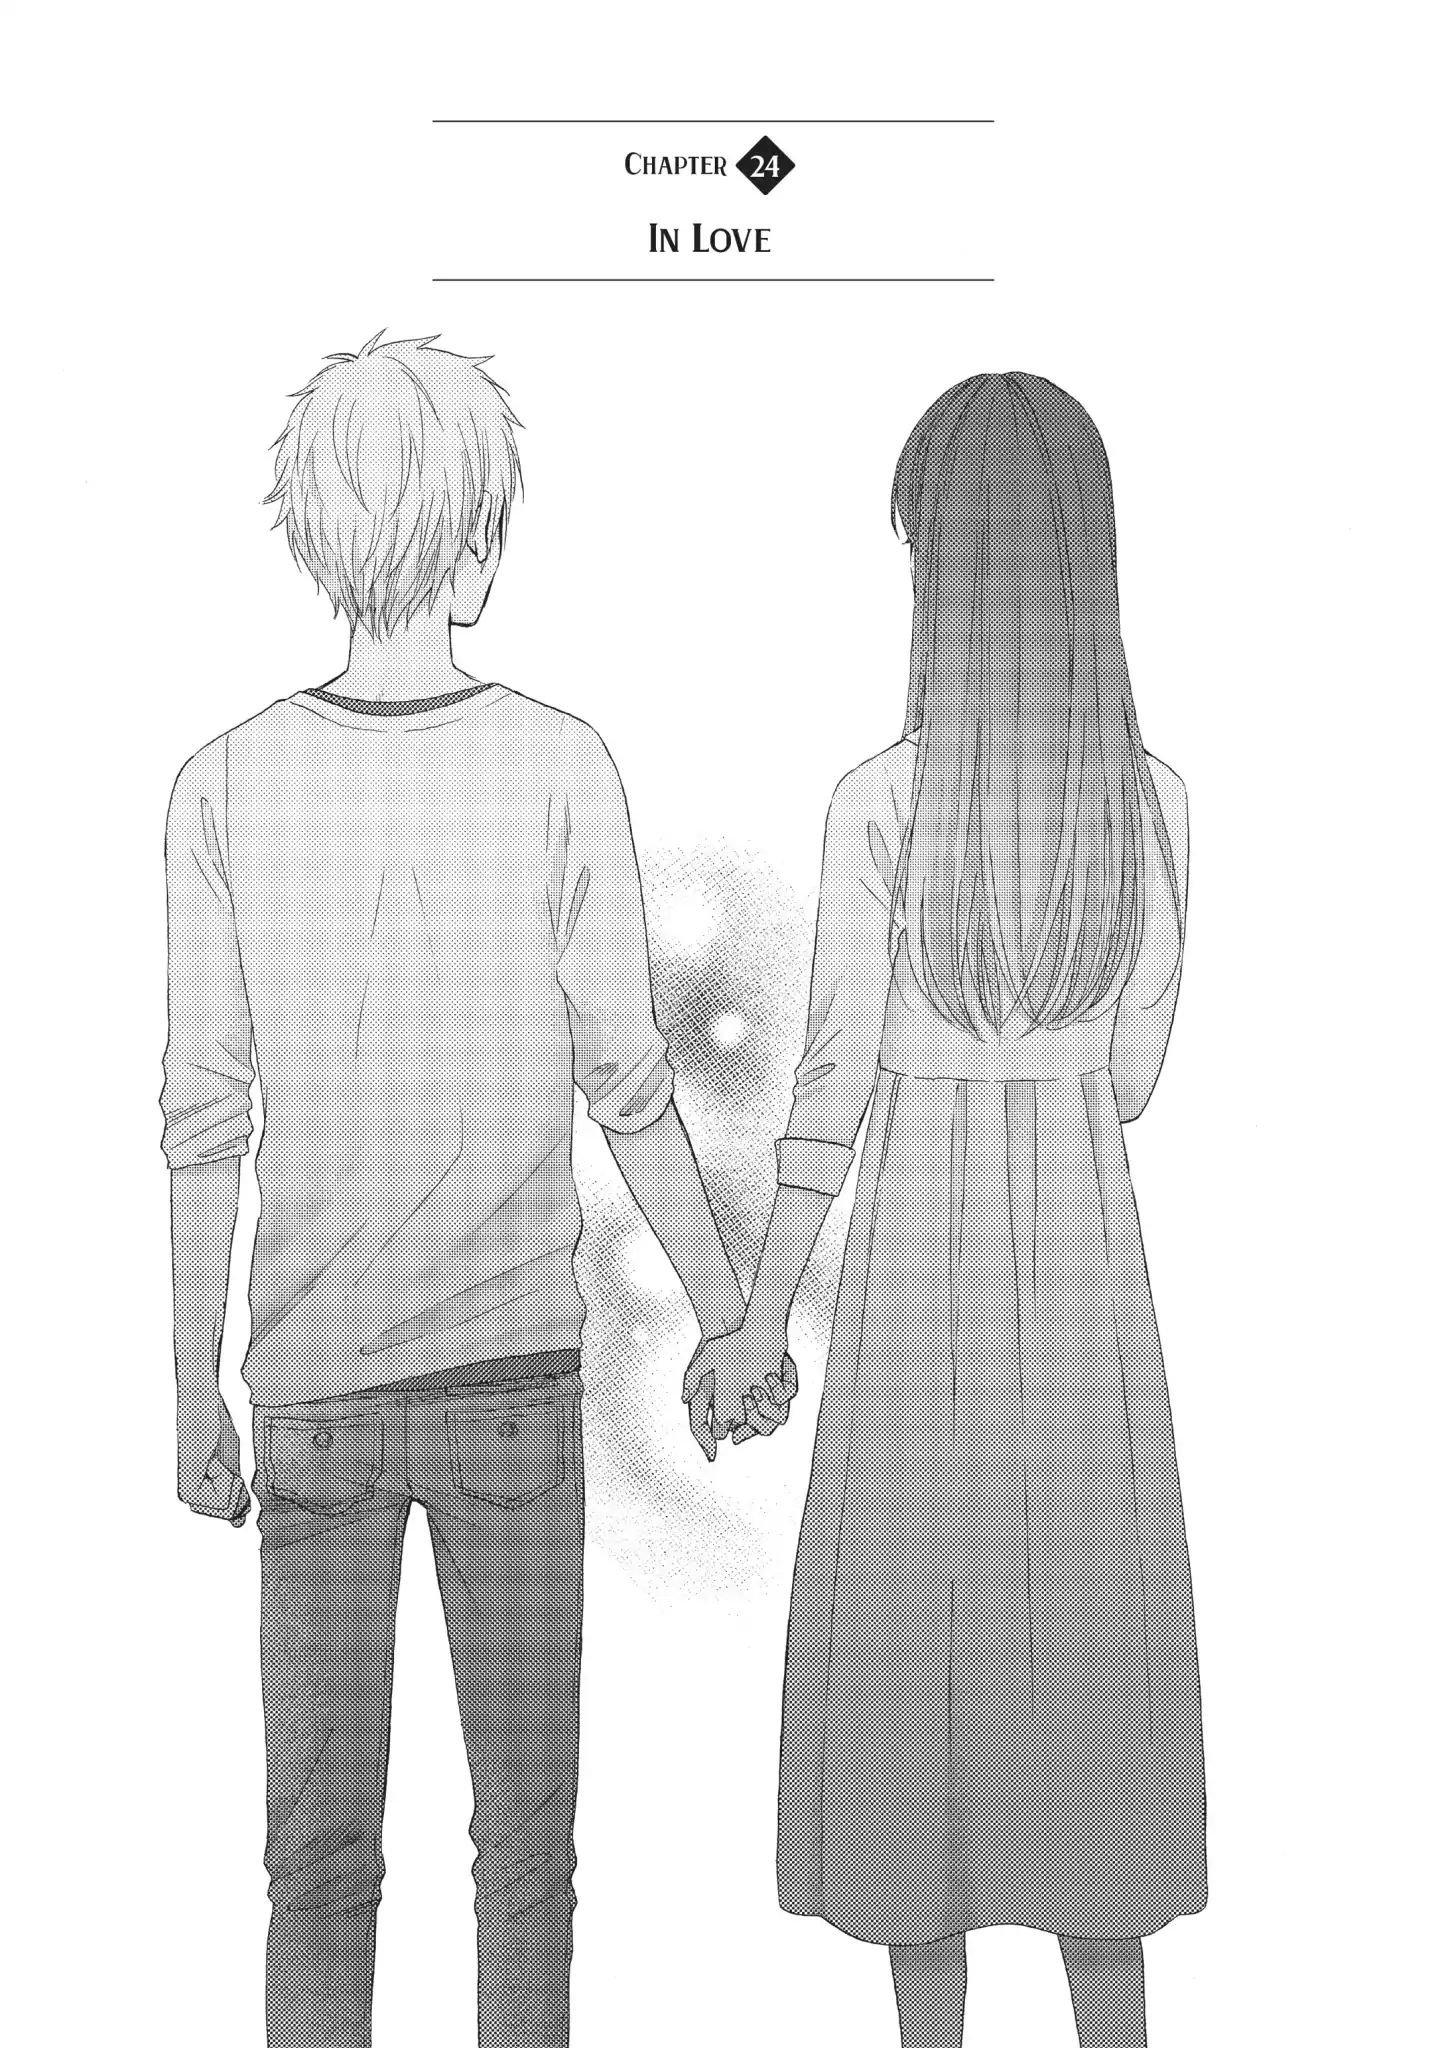 Manga Wake Up, Sleeping Beauty - Chapter 24 Page 1